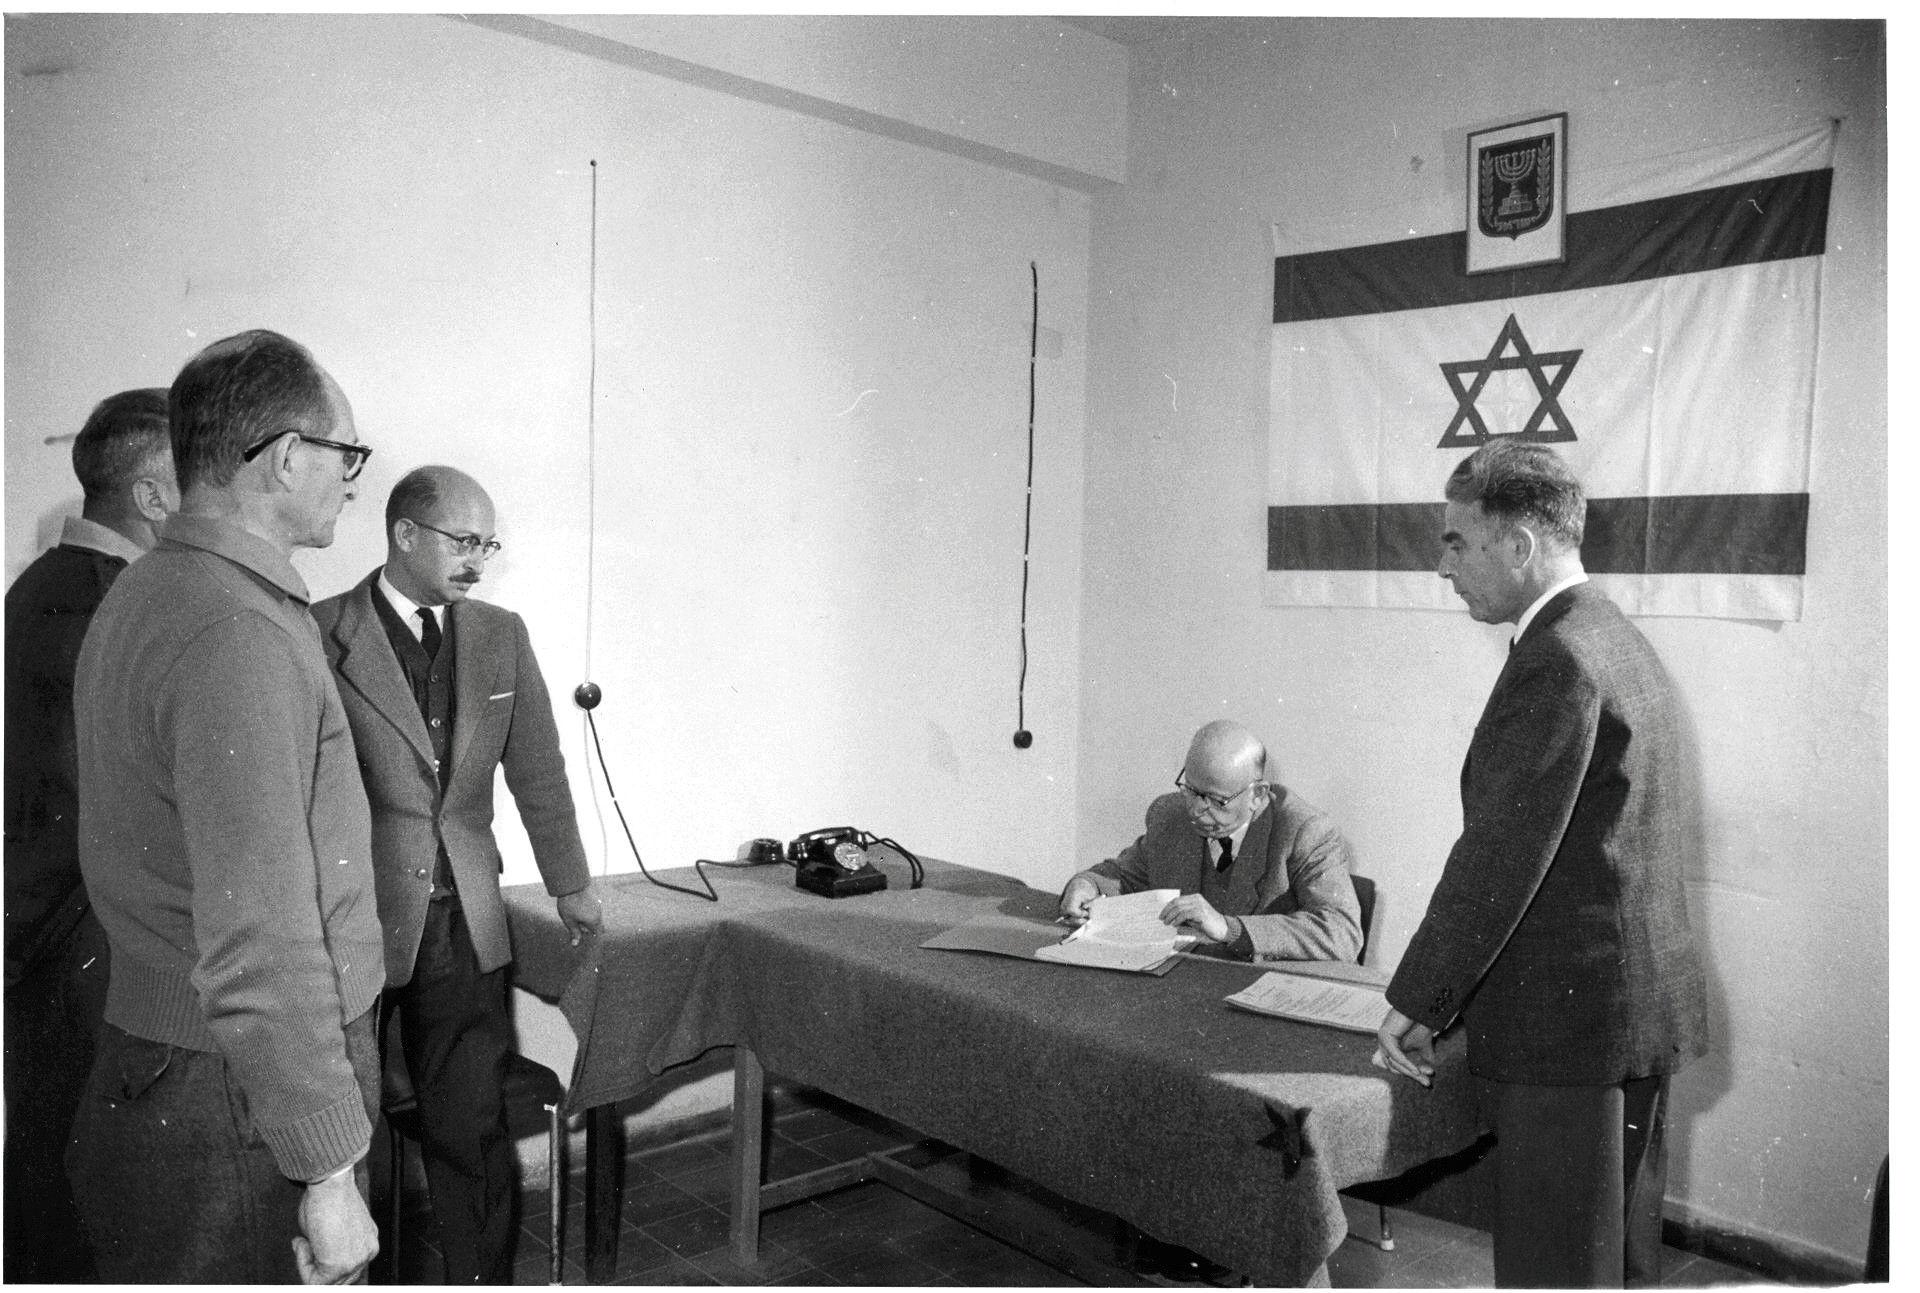 La unidad de policía israelí que construyó el caso contra Adolf Eichmann y fue olvidada